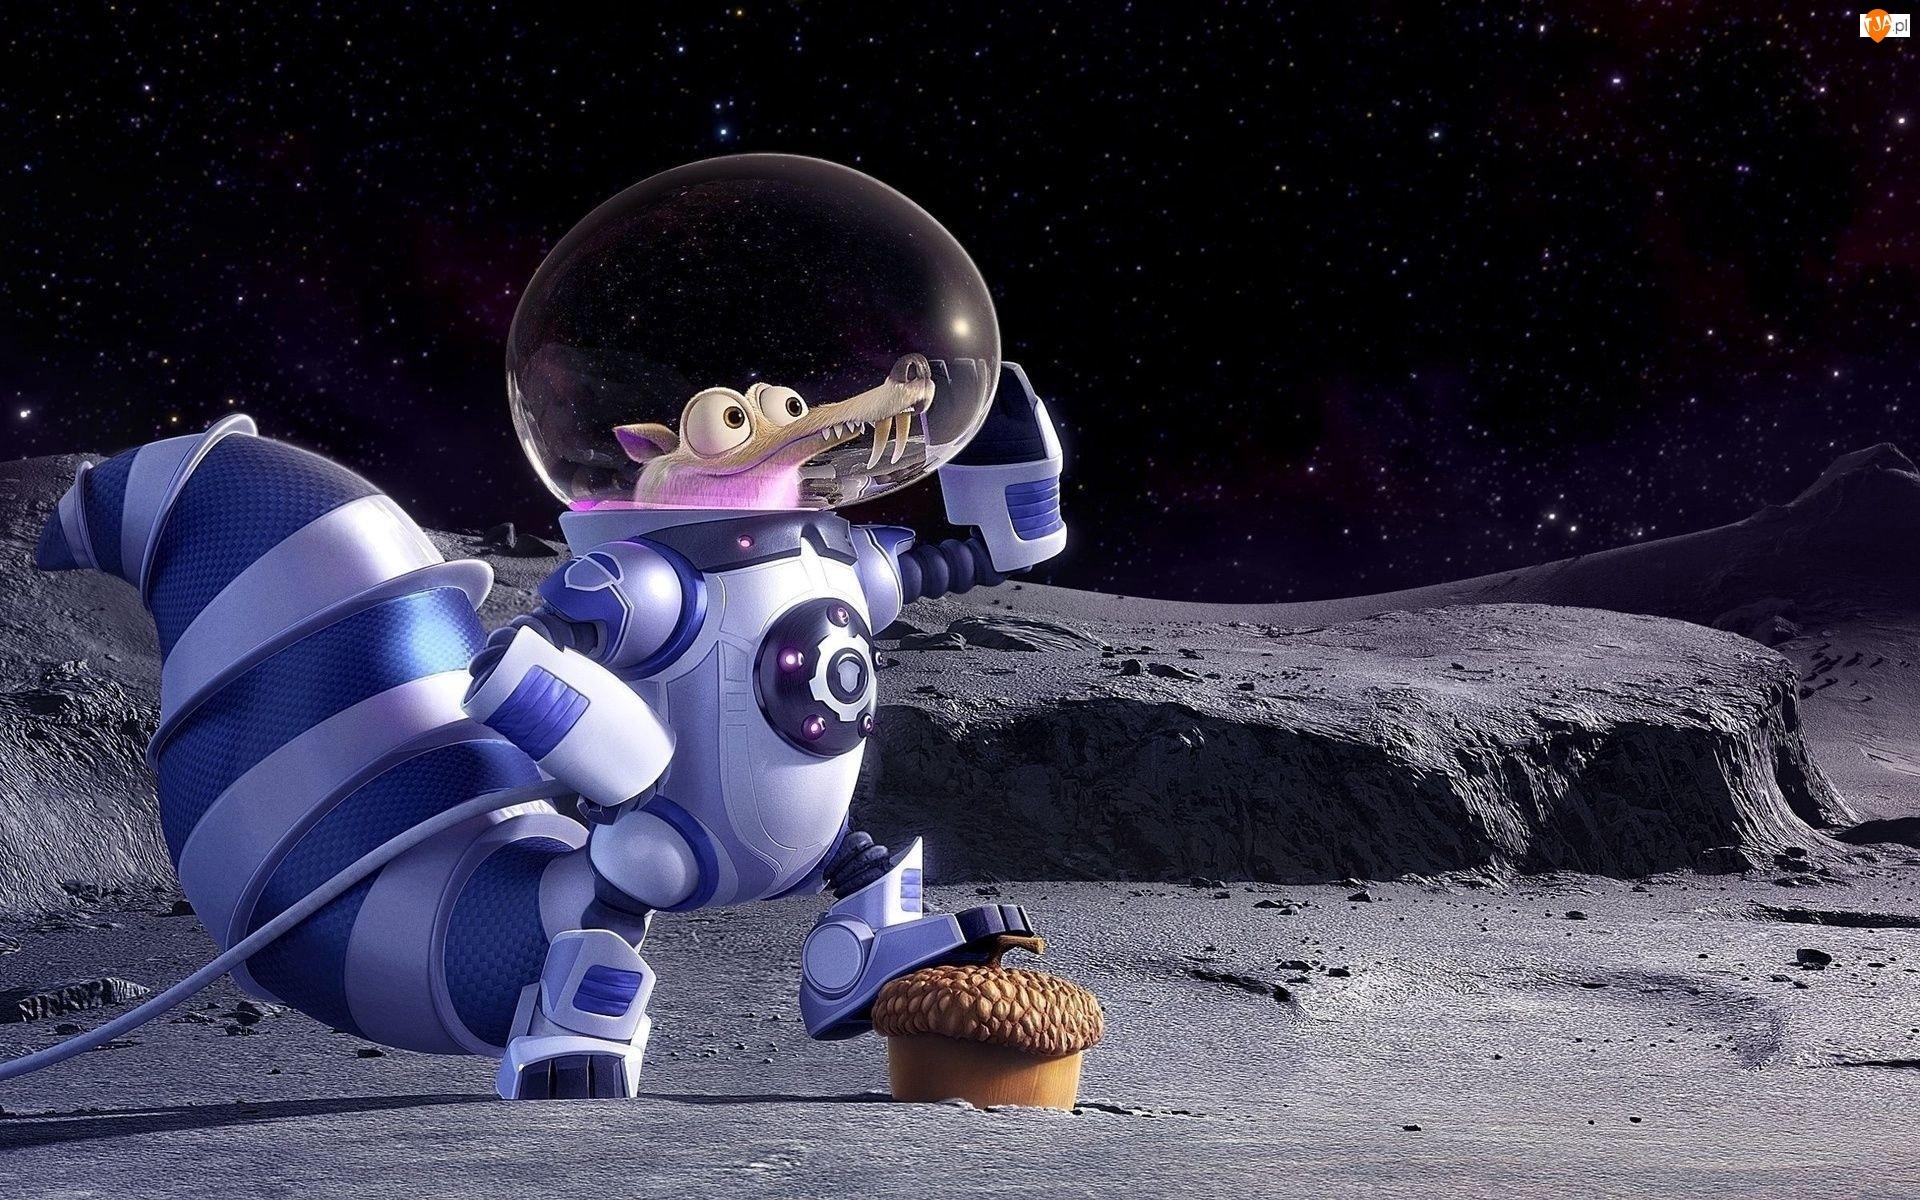 Śmieszne, Epoka lodowcowa, Astronauta, Wiewiór, Kosmos